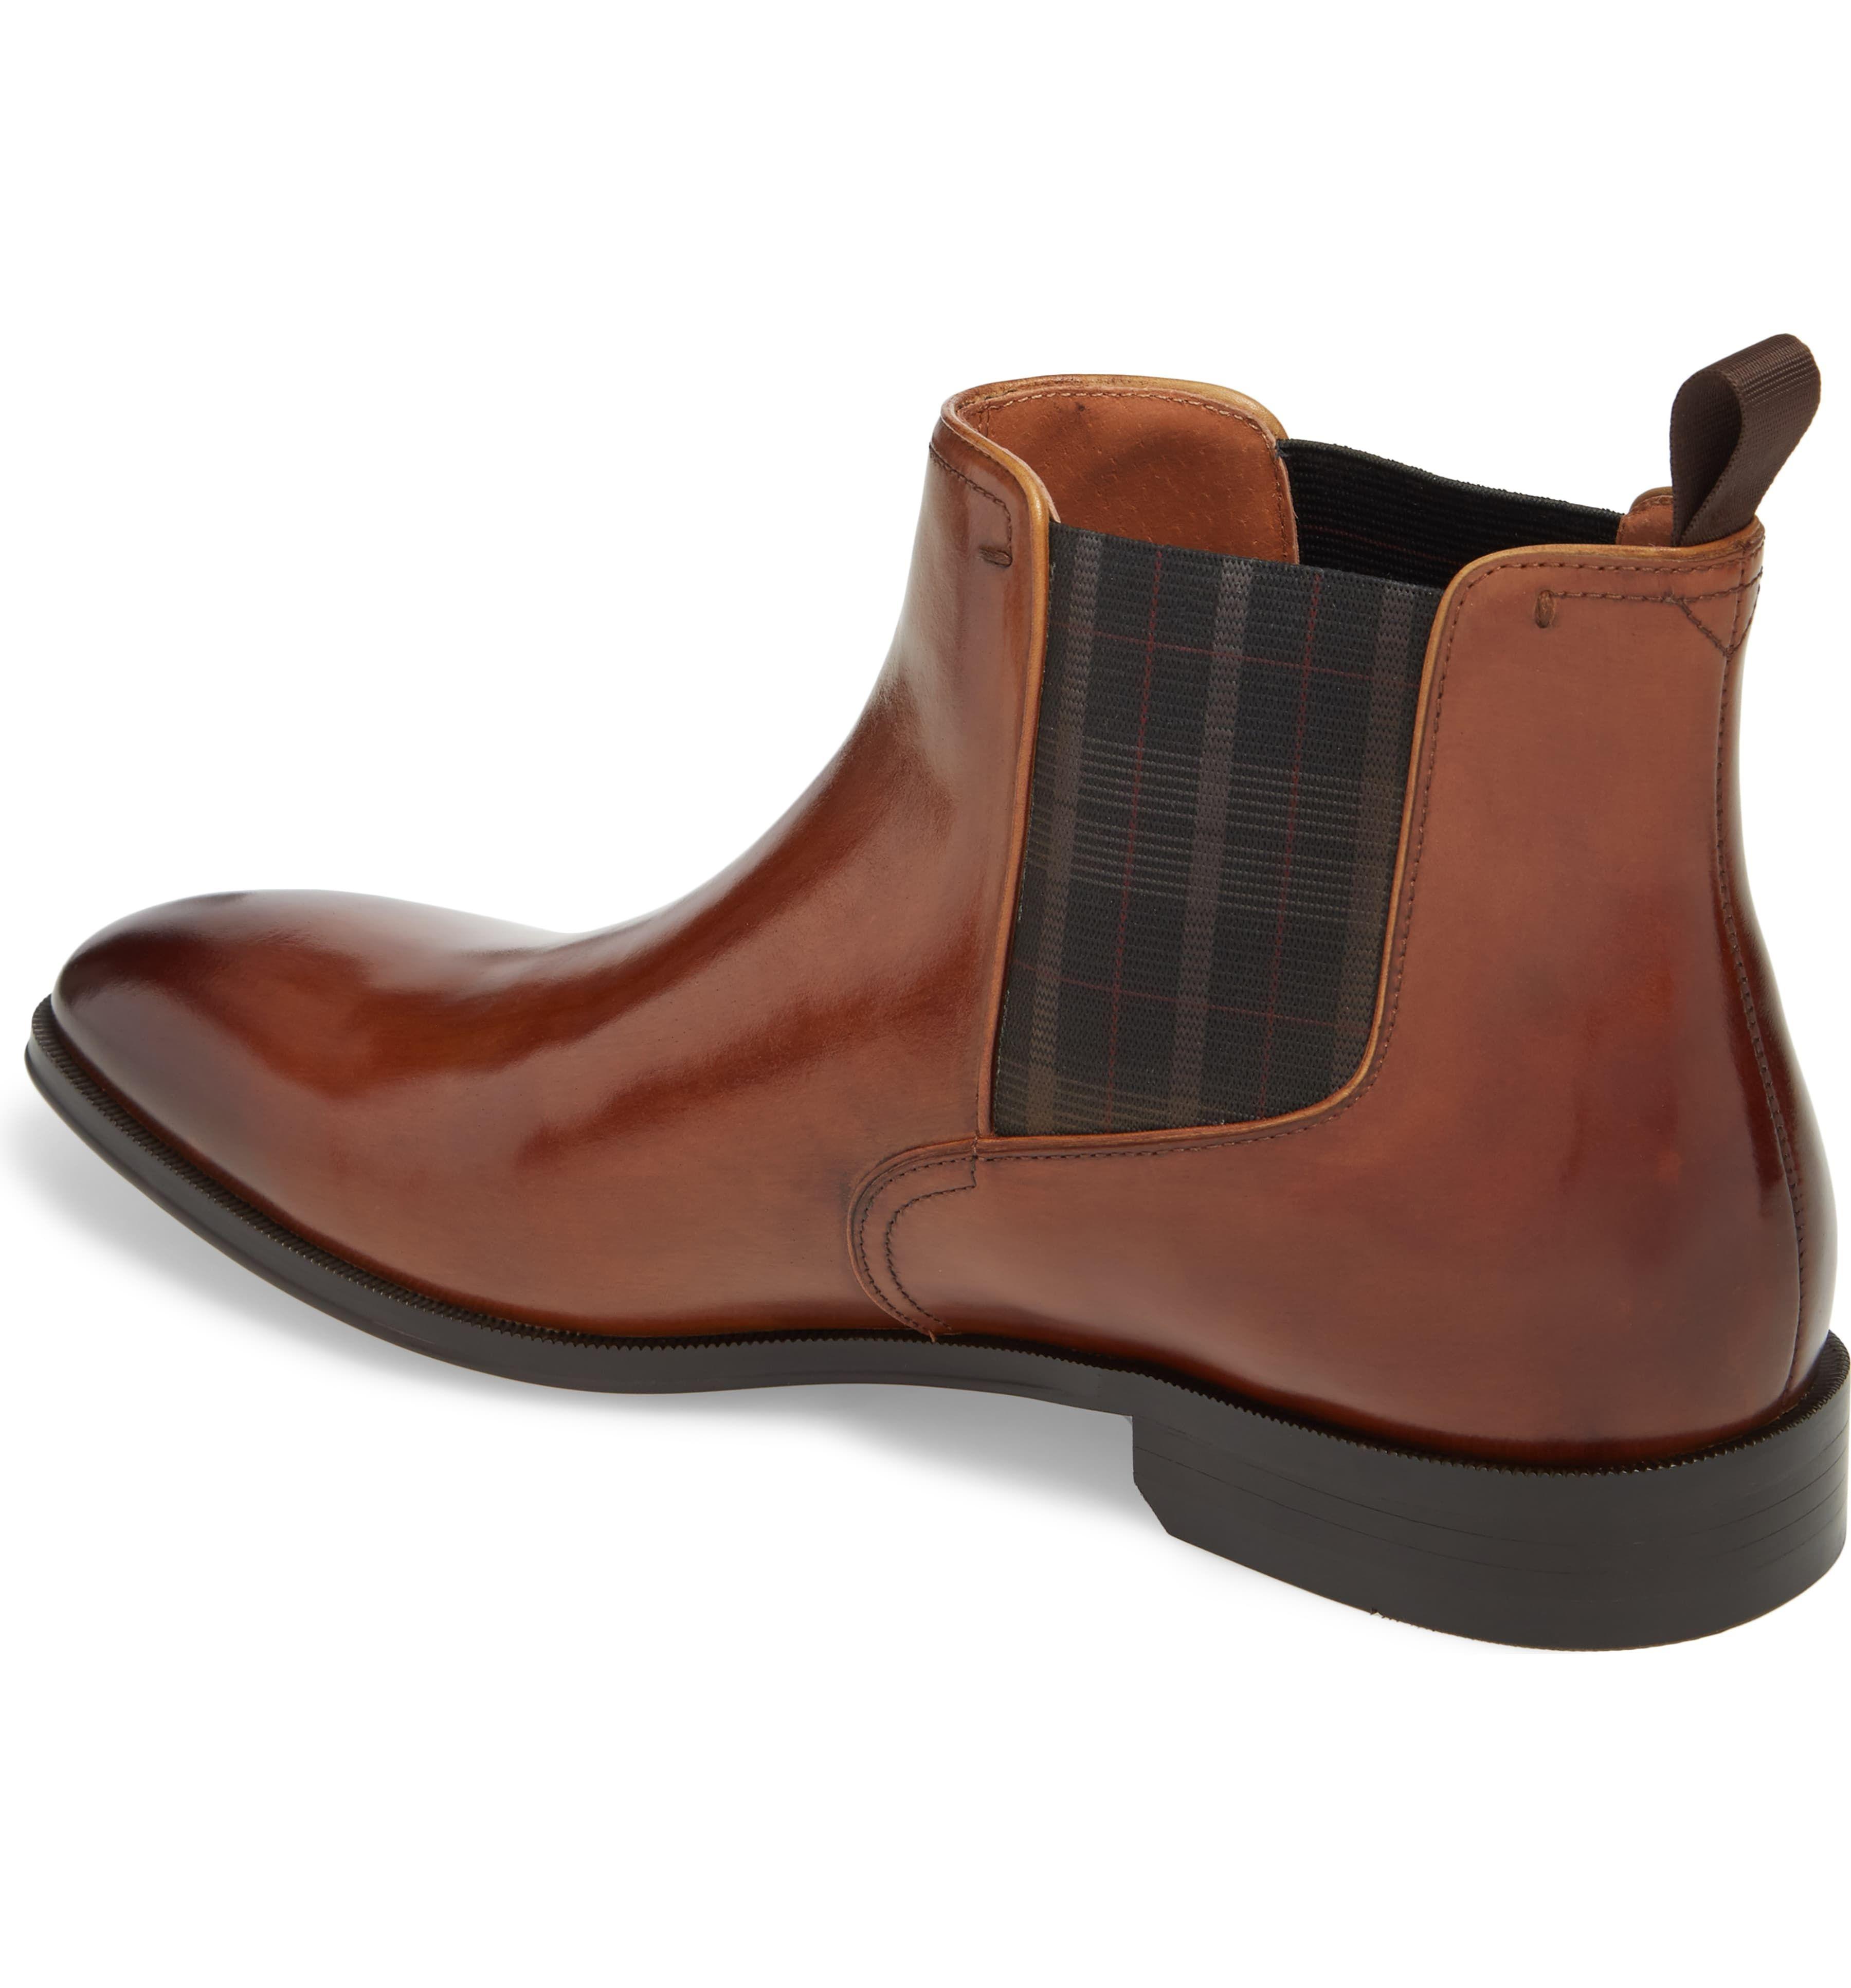 Florsheim Belfast Chelsea Boot (Men